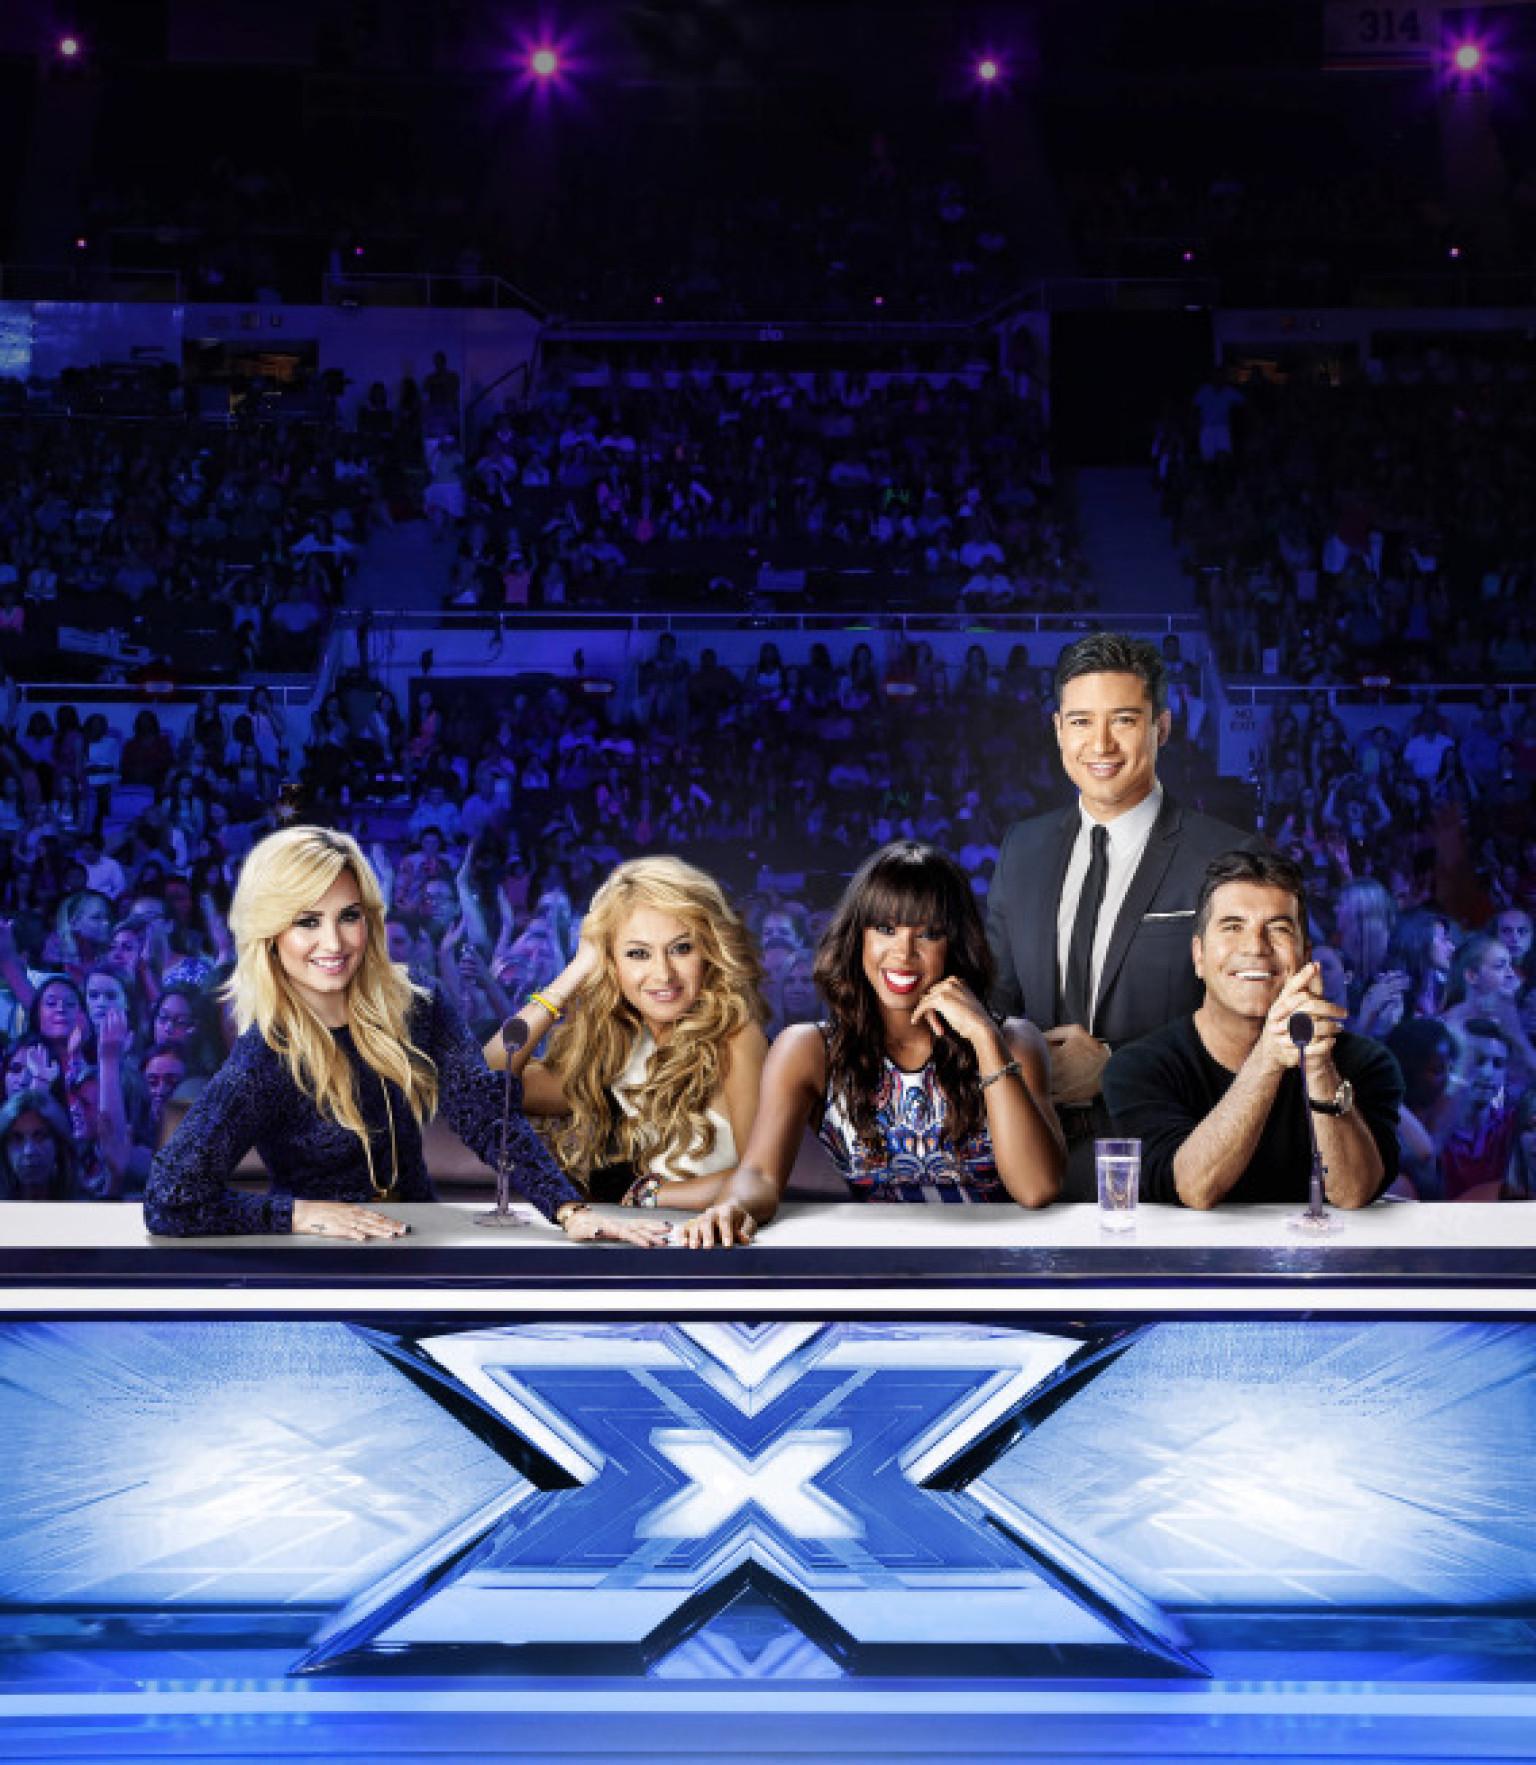 The X Factor Usa: Season 3